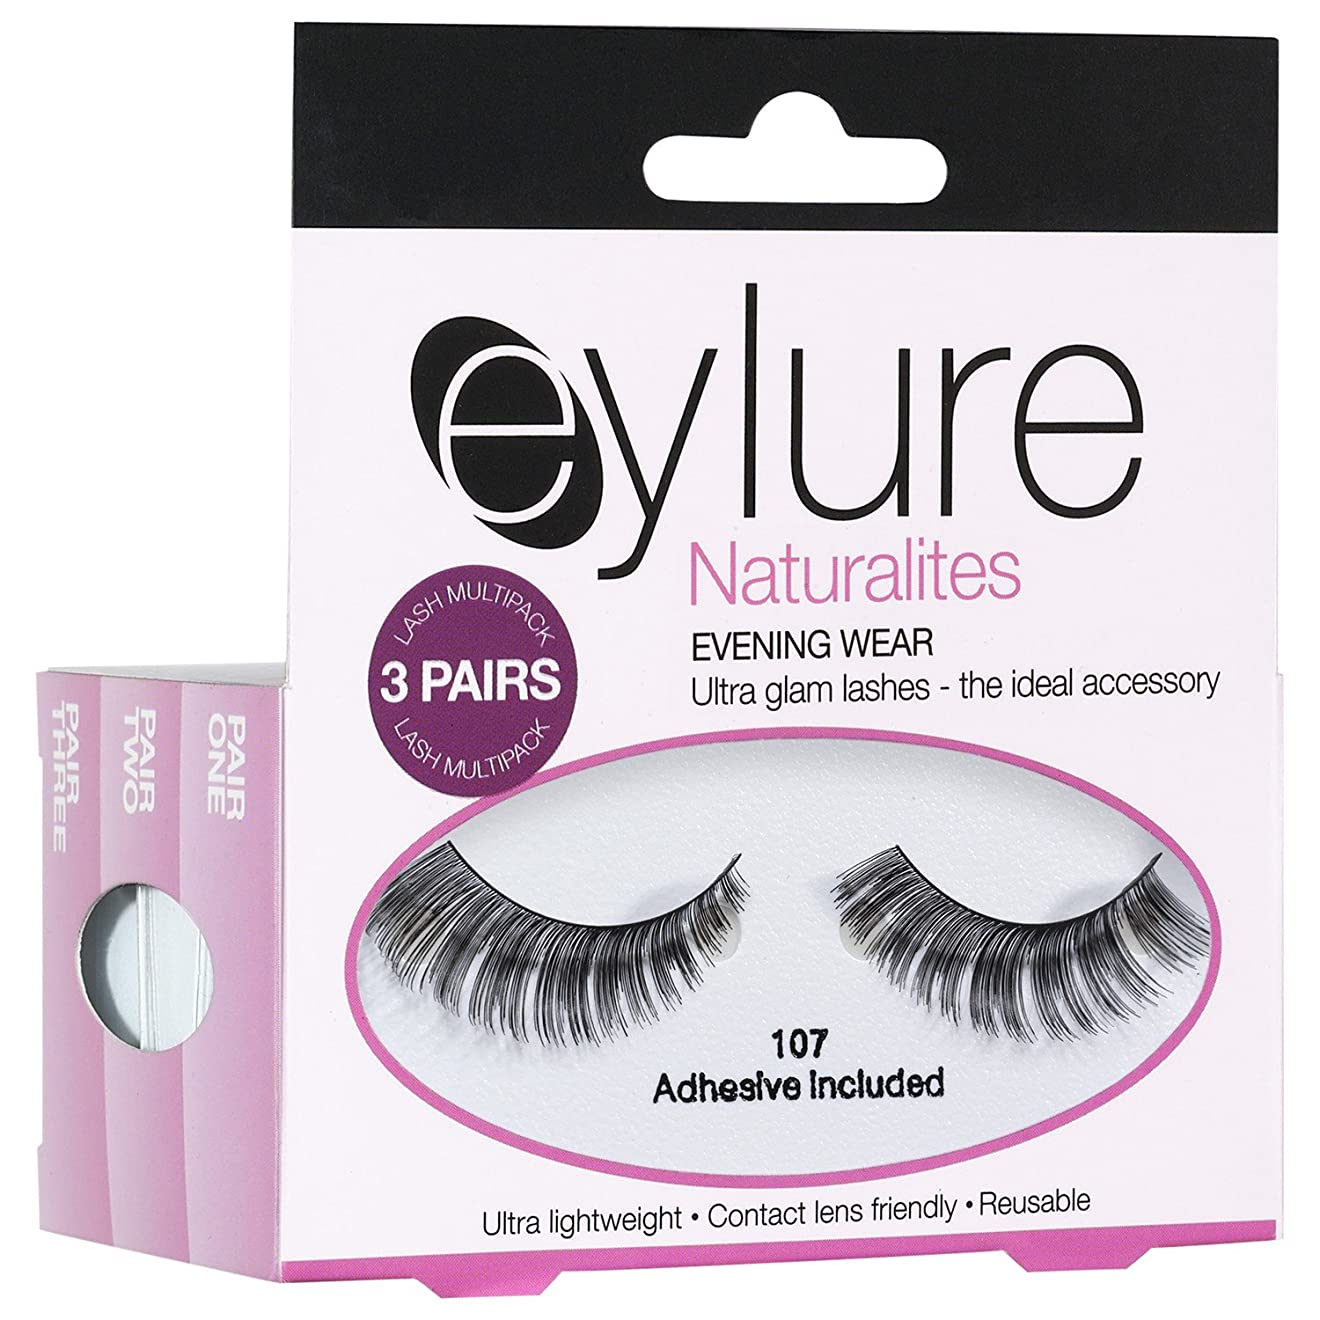 ゆでる保持協力Eylure Naturalites夕方偽まつげ (Elegant Touch) (x2) - Eylure Naturalites Evening False Eye Lashes (Pack of 2) [並行輸入品]